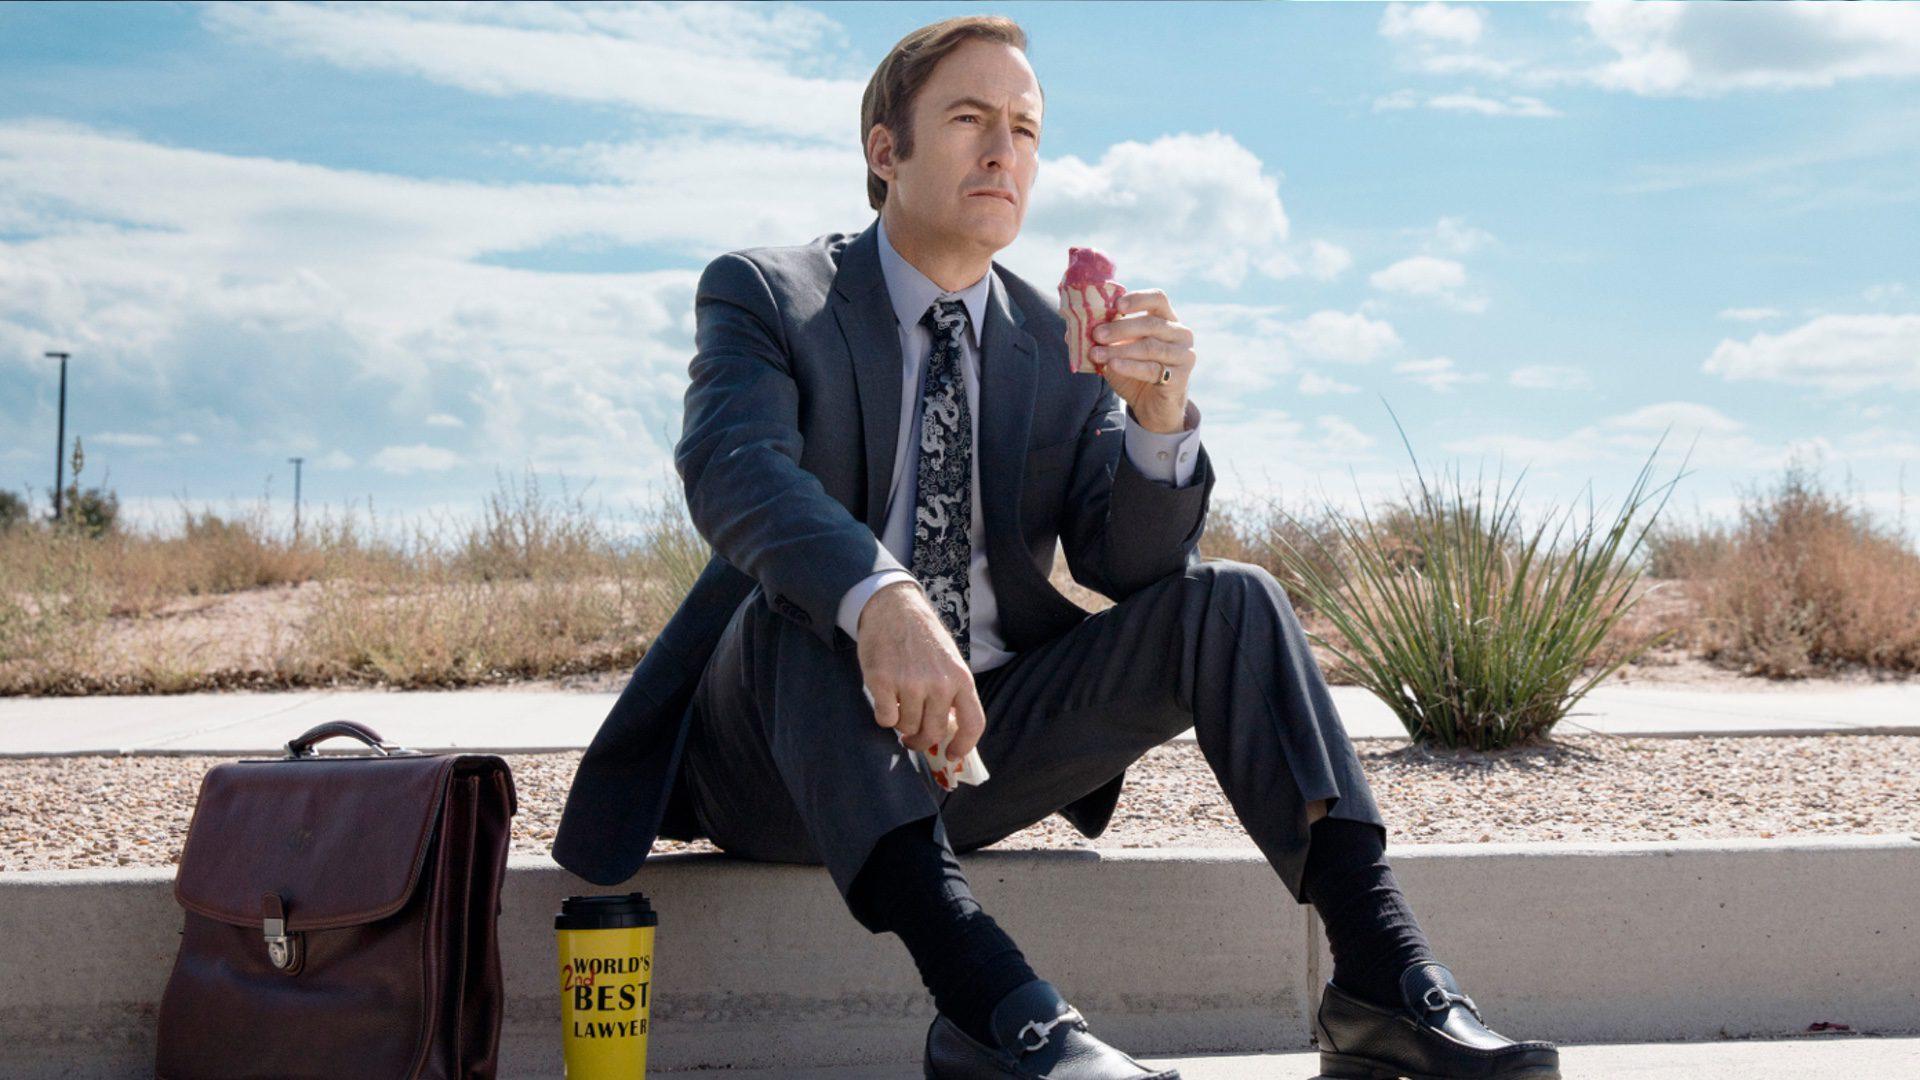 Better Call Saul ya es una serie con entidad propia, más allá de Breaking Bad